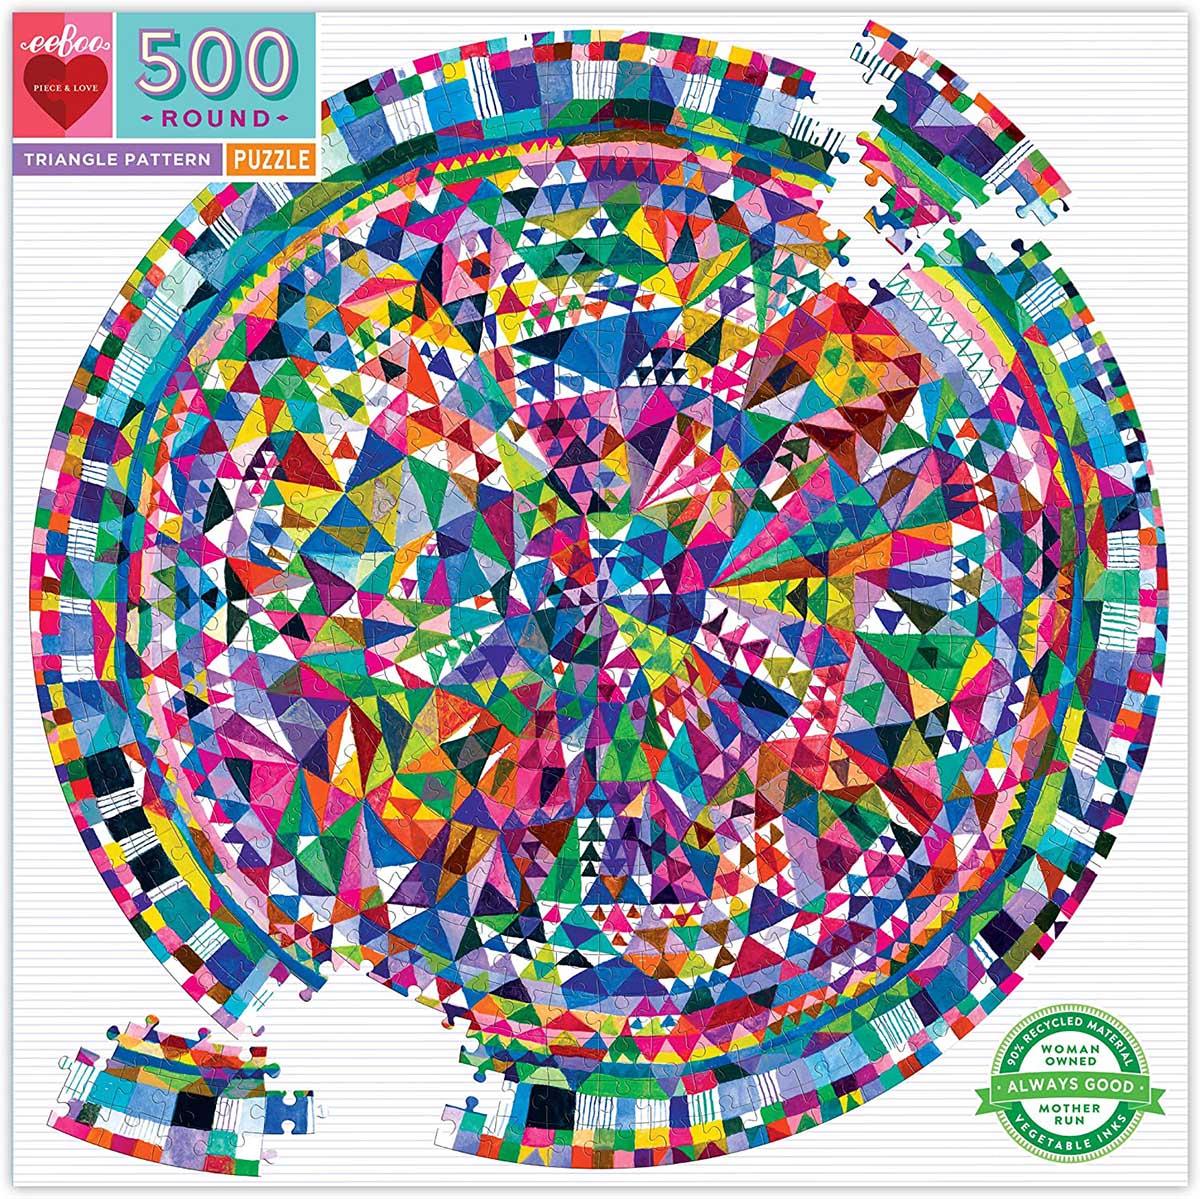 Estampado de Triángulos | Puzzle Eeboo Redondo 500 Piezas